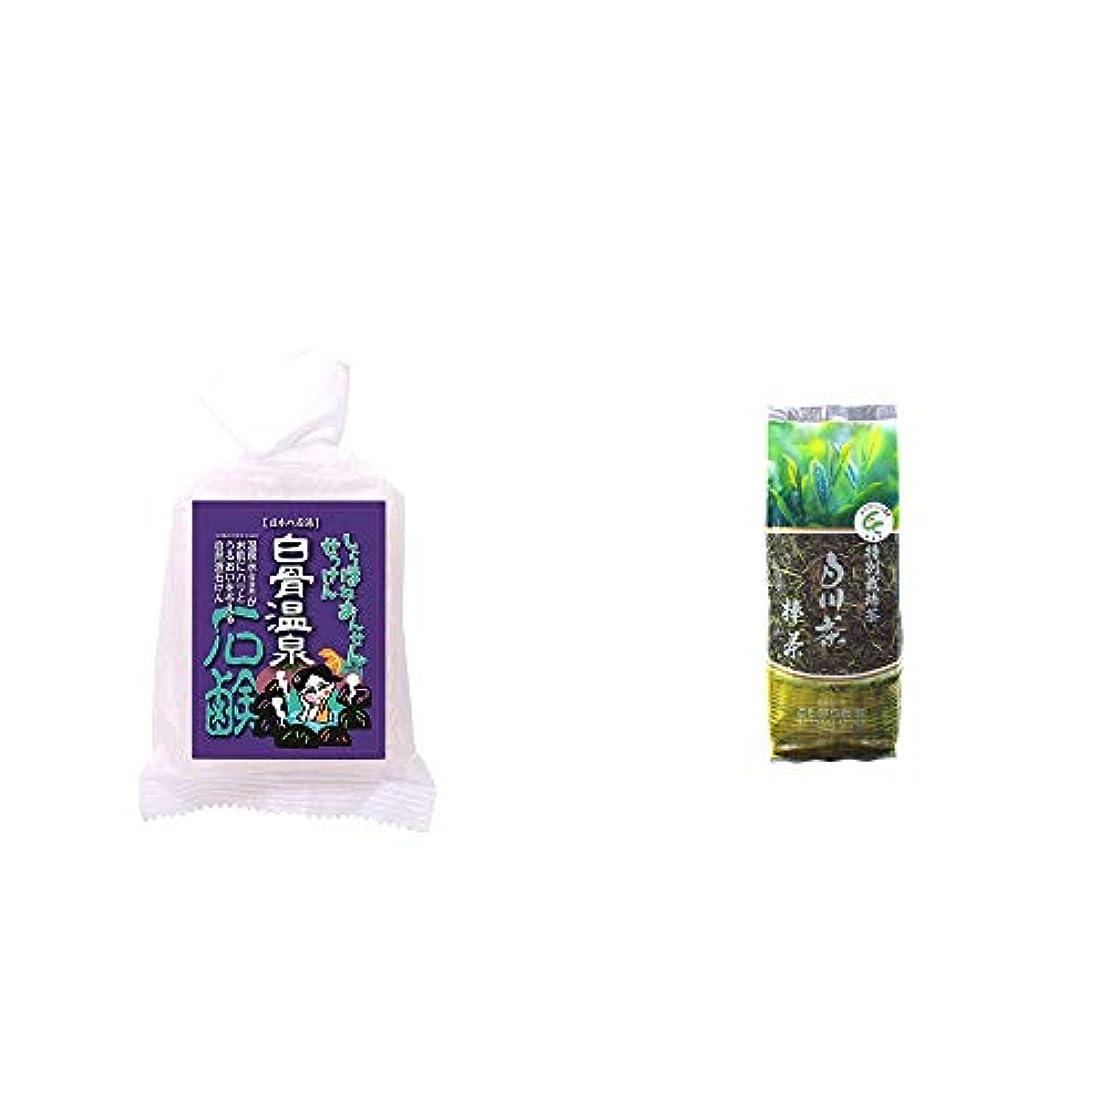 七時半冷凍庫好奇心[2点セット] 信州 白骨温泉石鹸(80g)?白川茶 特別栽培茶【棒茶】(150g)